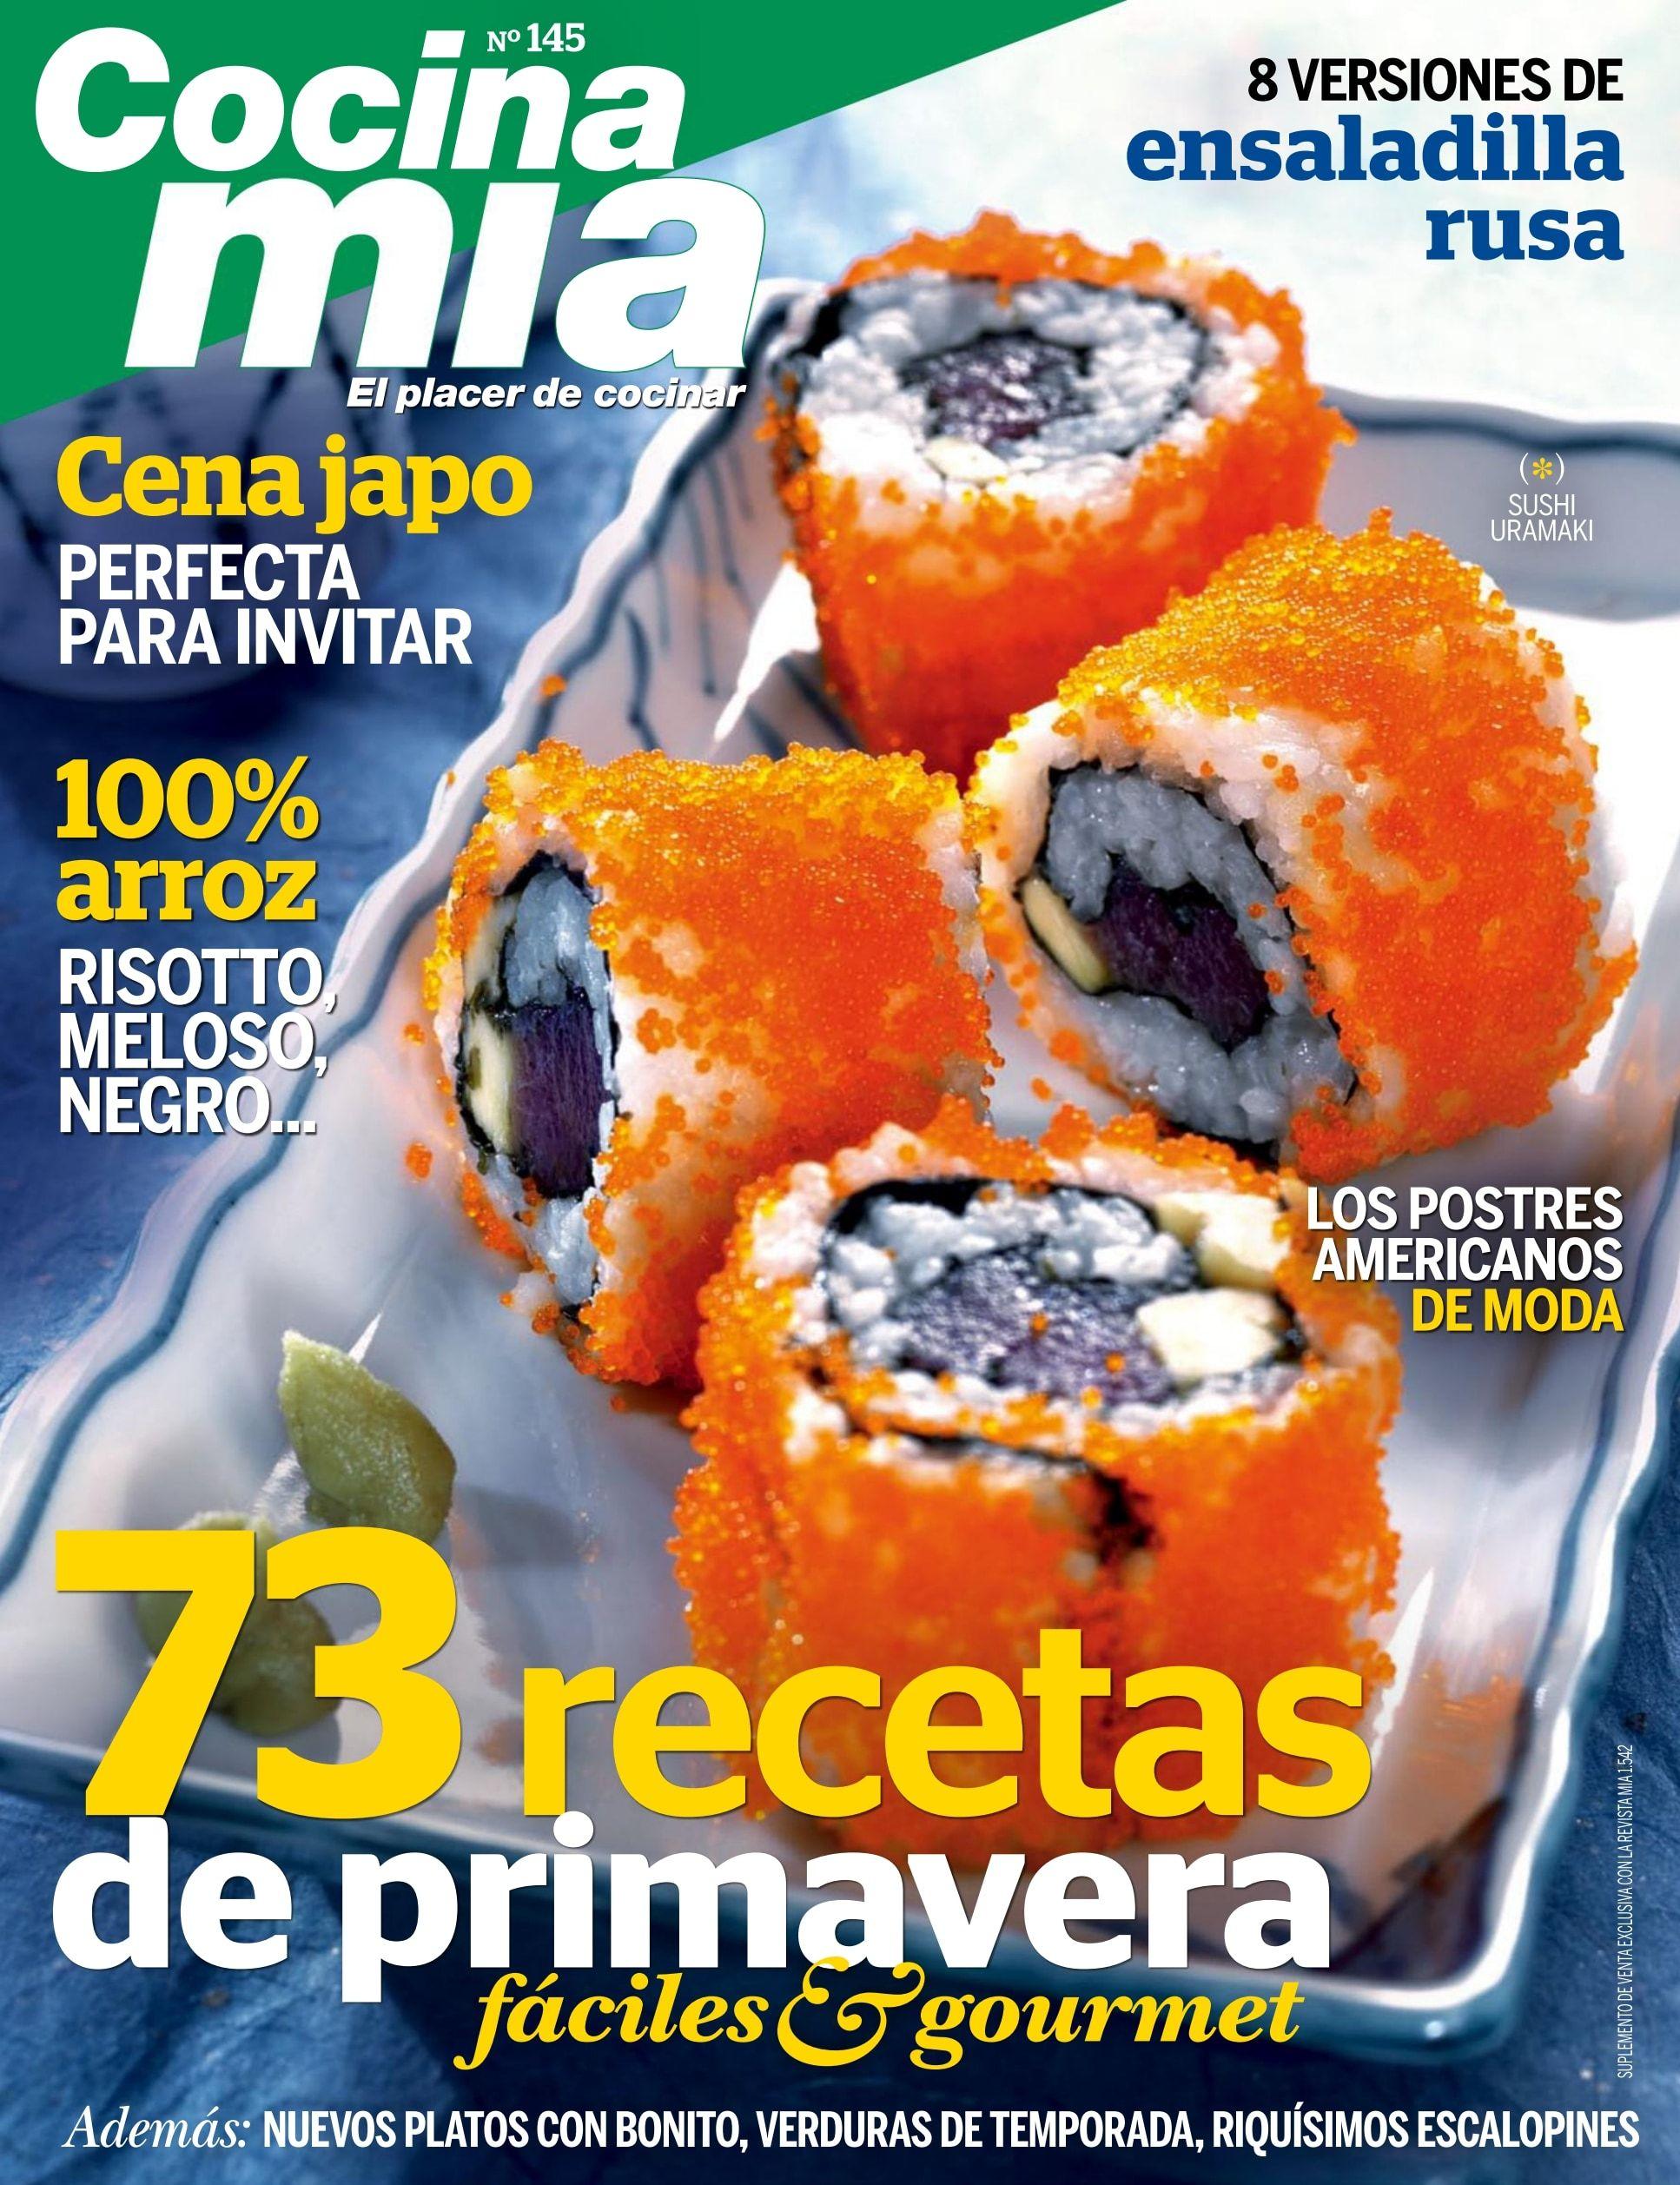 Cocina Mia | Revista Cocina Mia 145 73 Recetas De Primavera Faciles Y